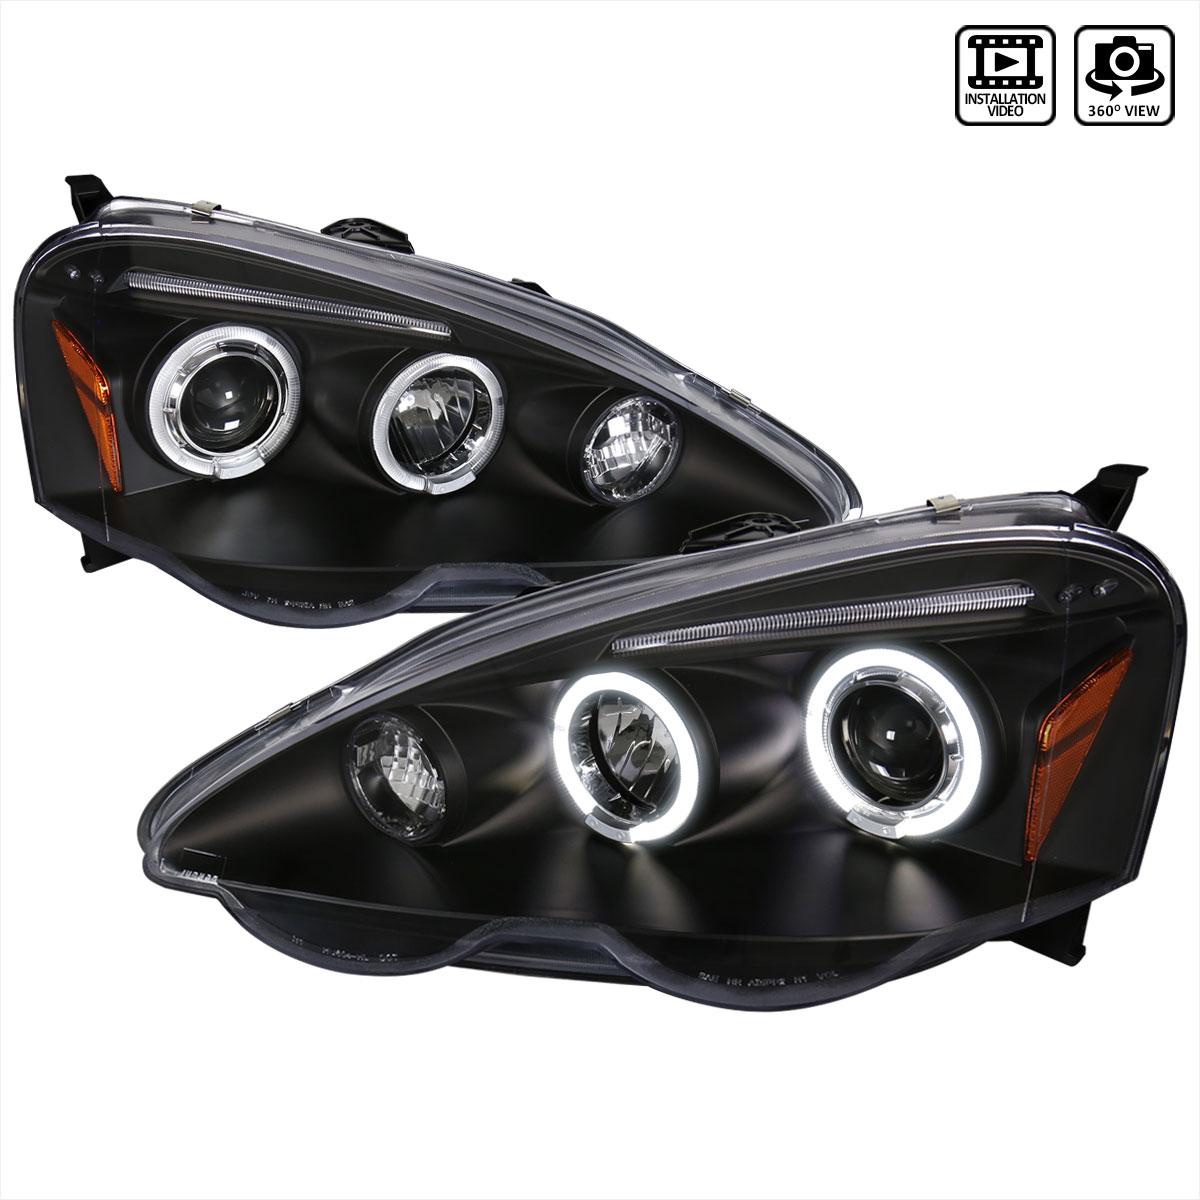 SpecD Tuning LHPRSXJMTM SpecD Acura Rsx Projector - Acura rsx headlights